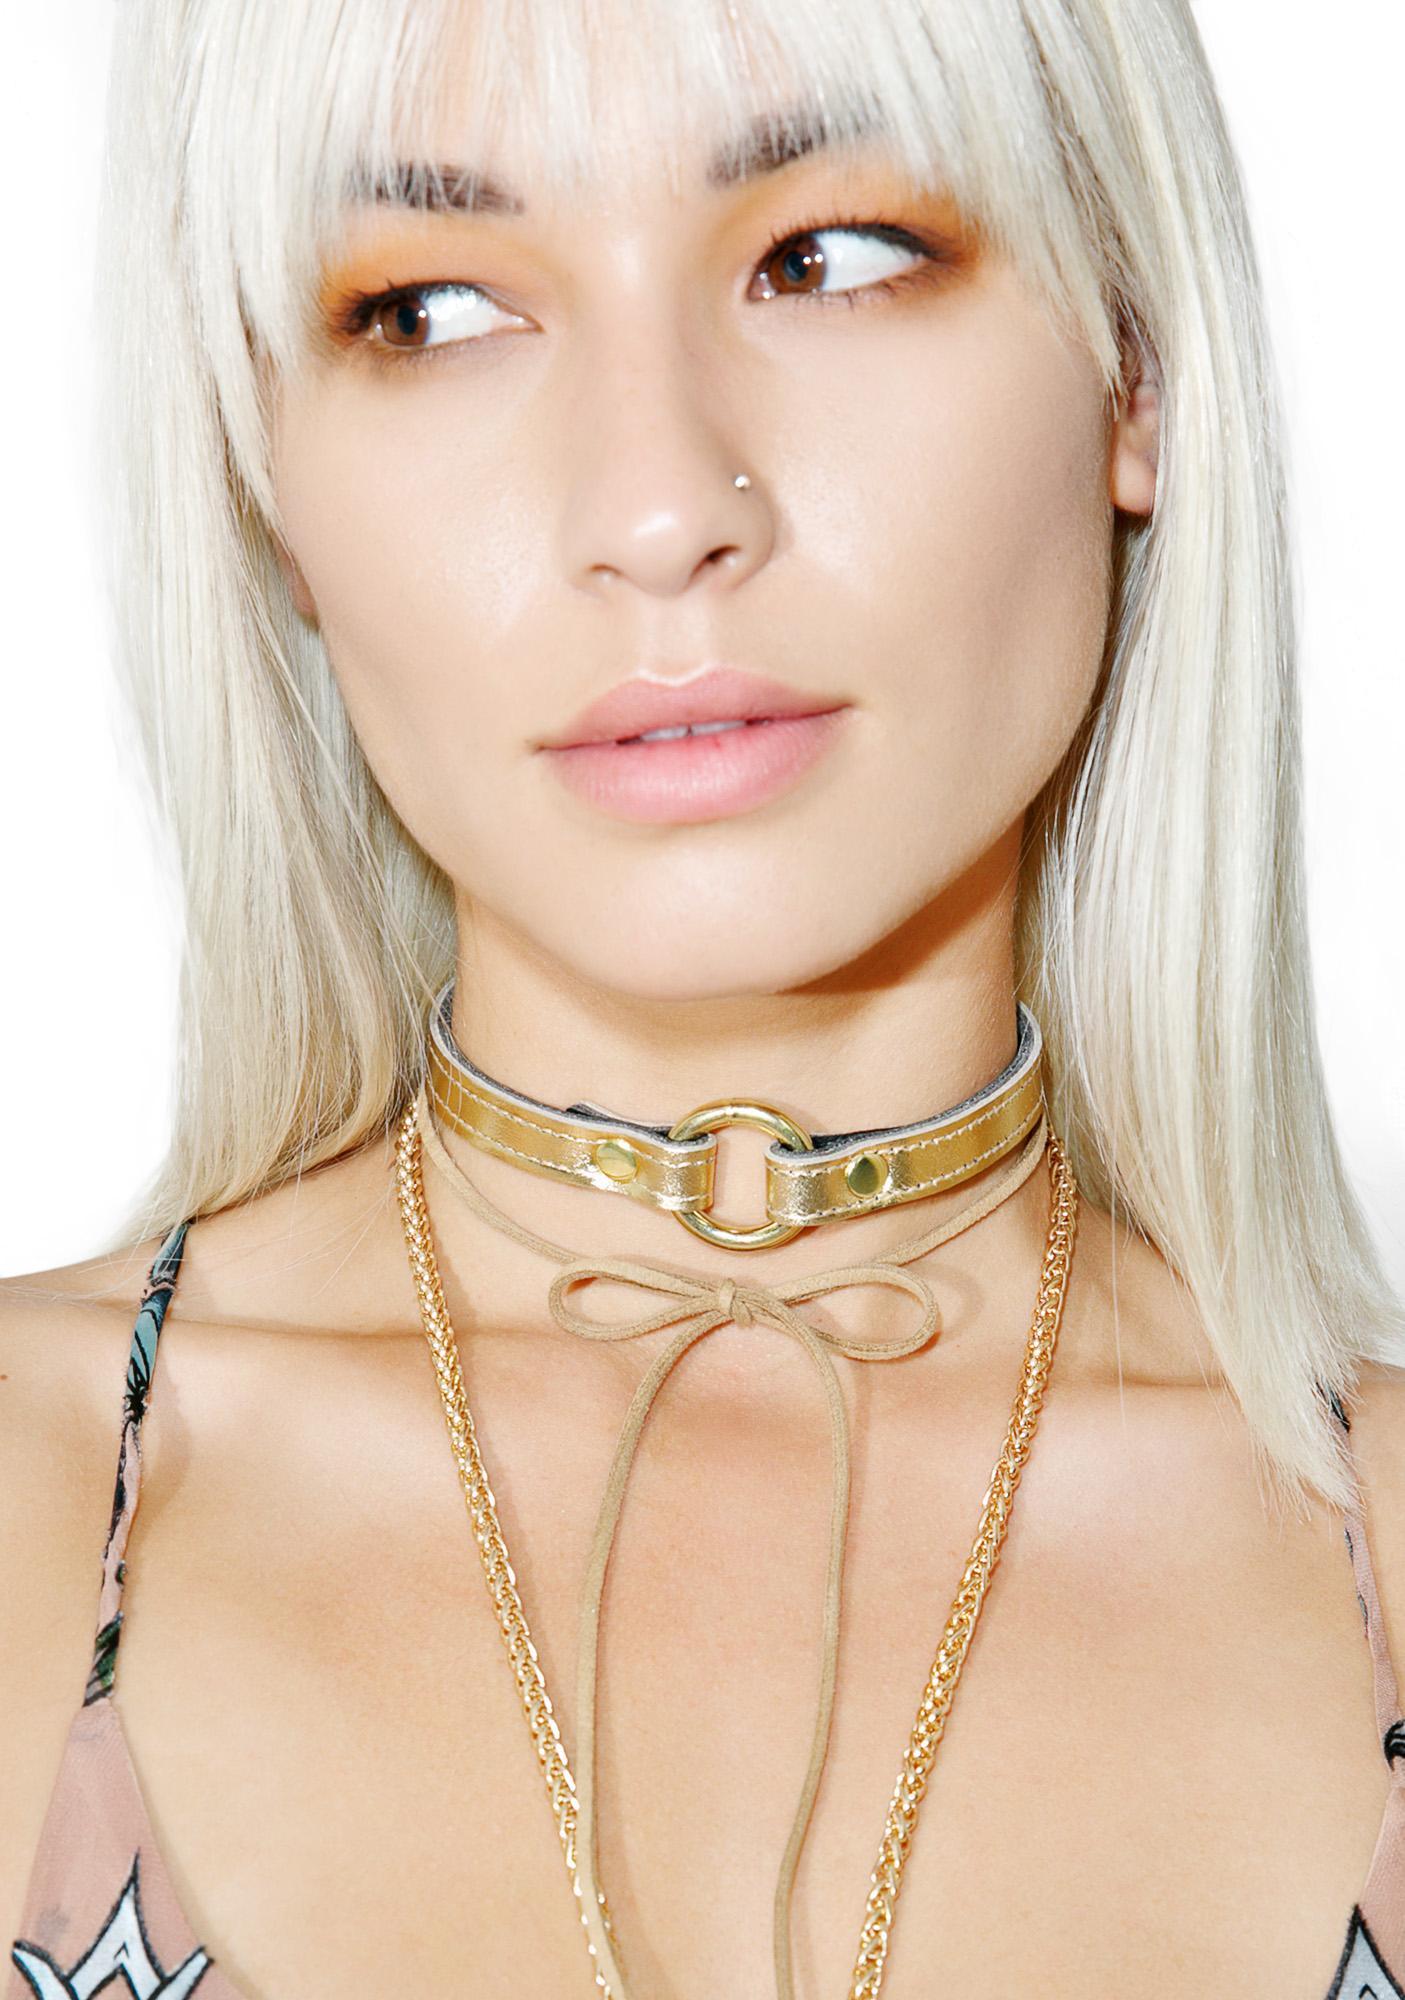 Club Exx Gold Member O-Ring Choker